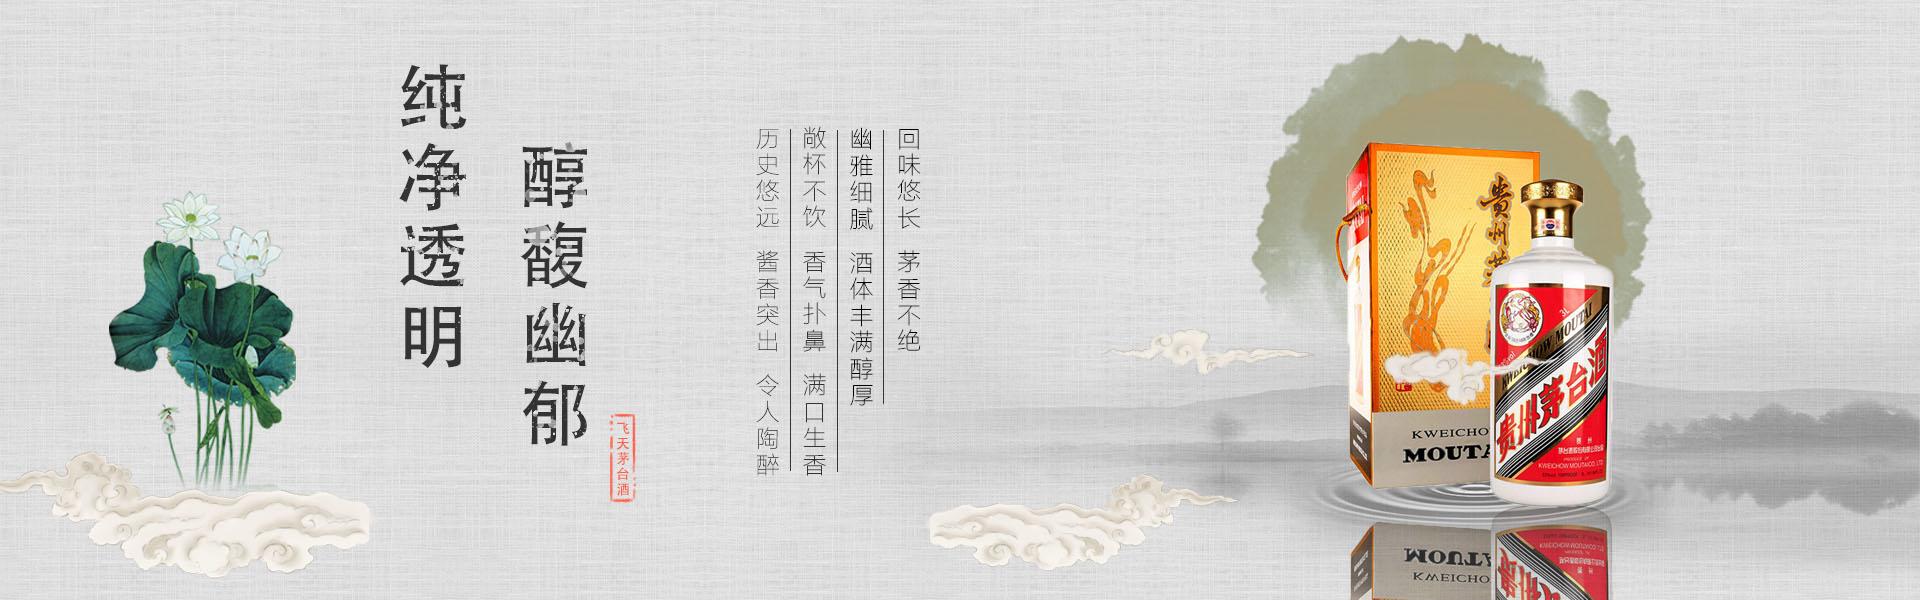 郑州茅台酒